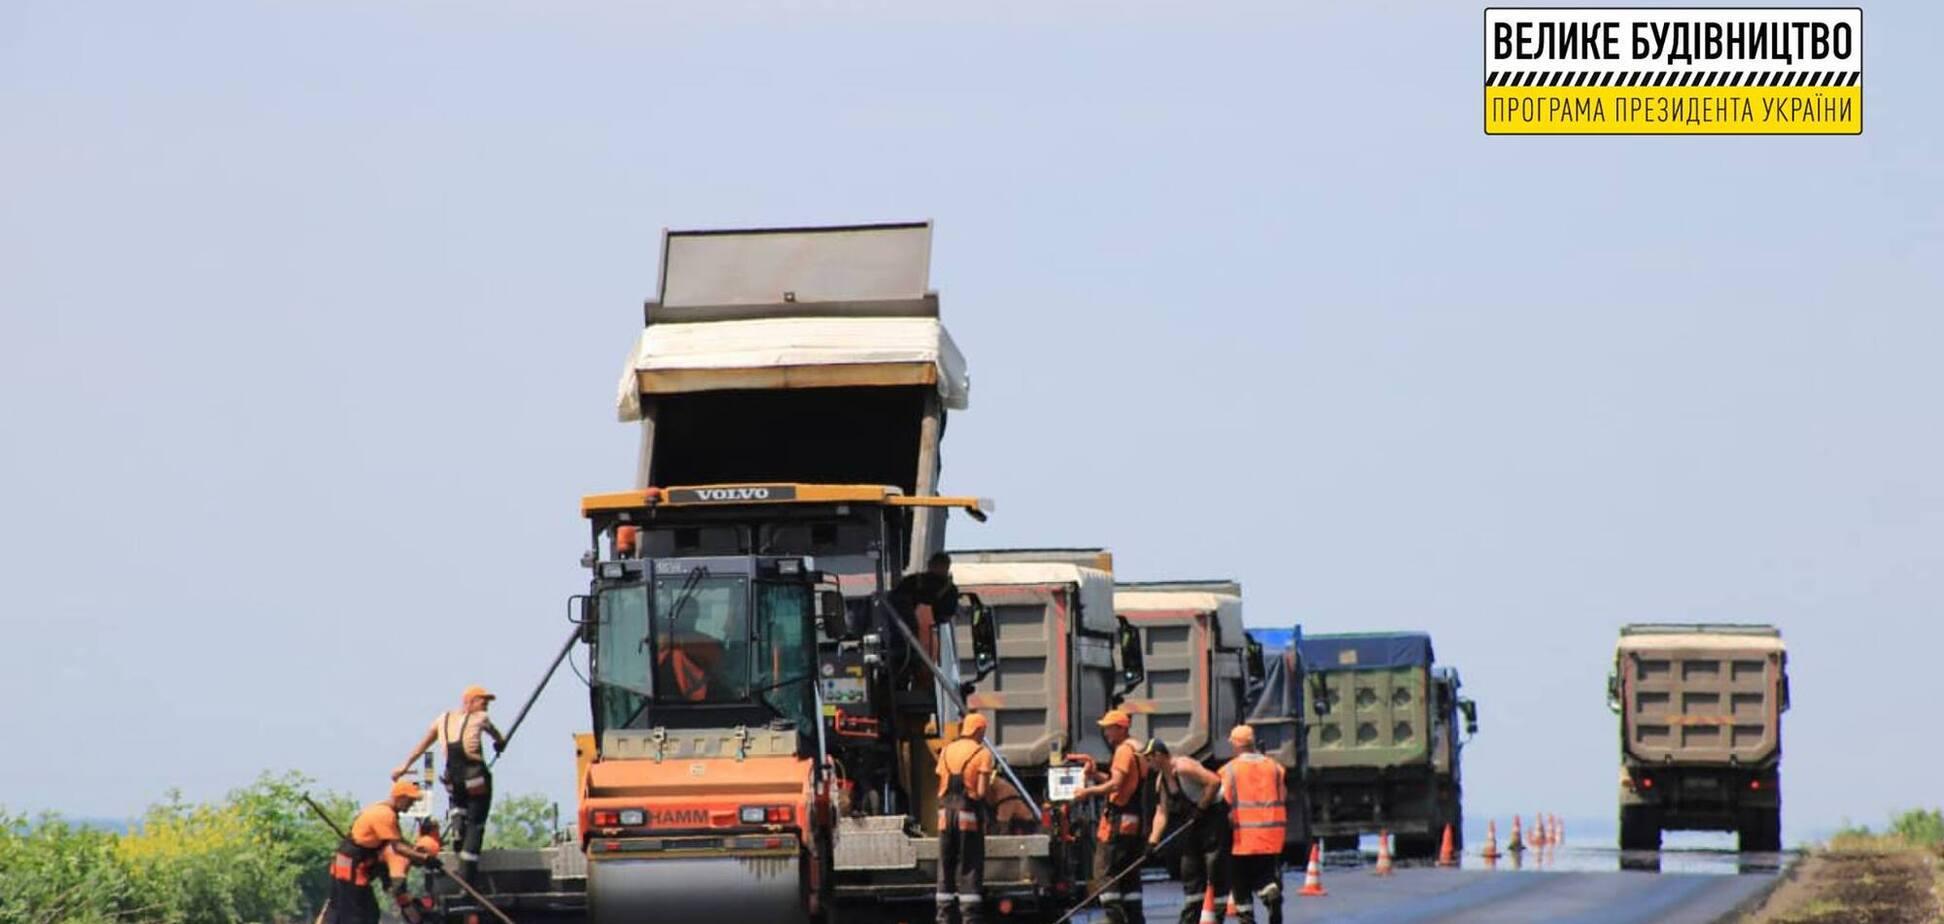 На Харьковщине завершают 'Большую стройку' трассы Р-78 по программе Зеленского